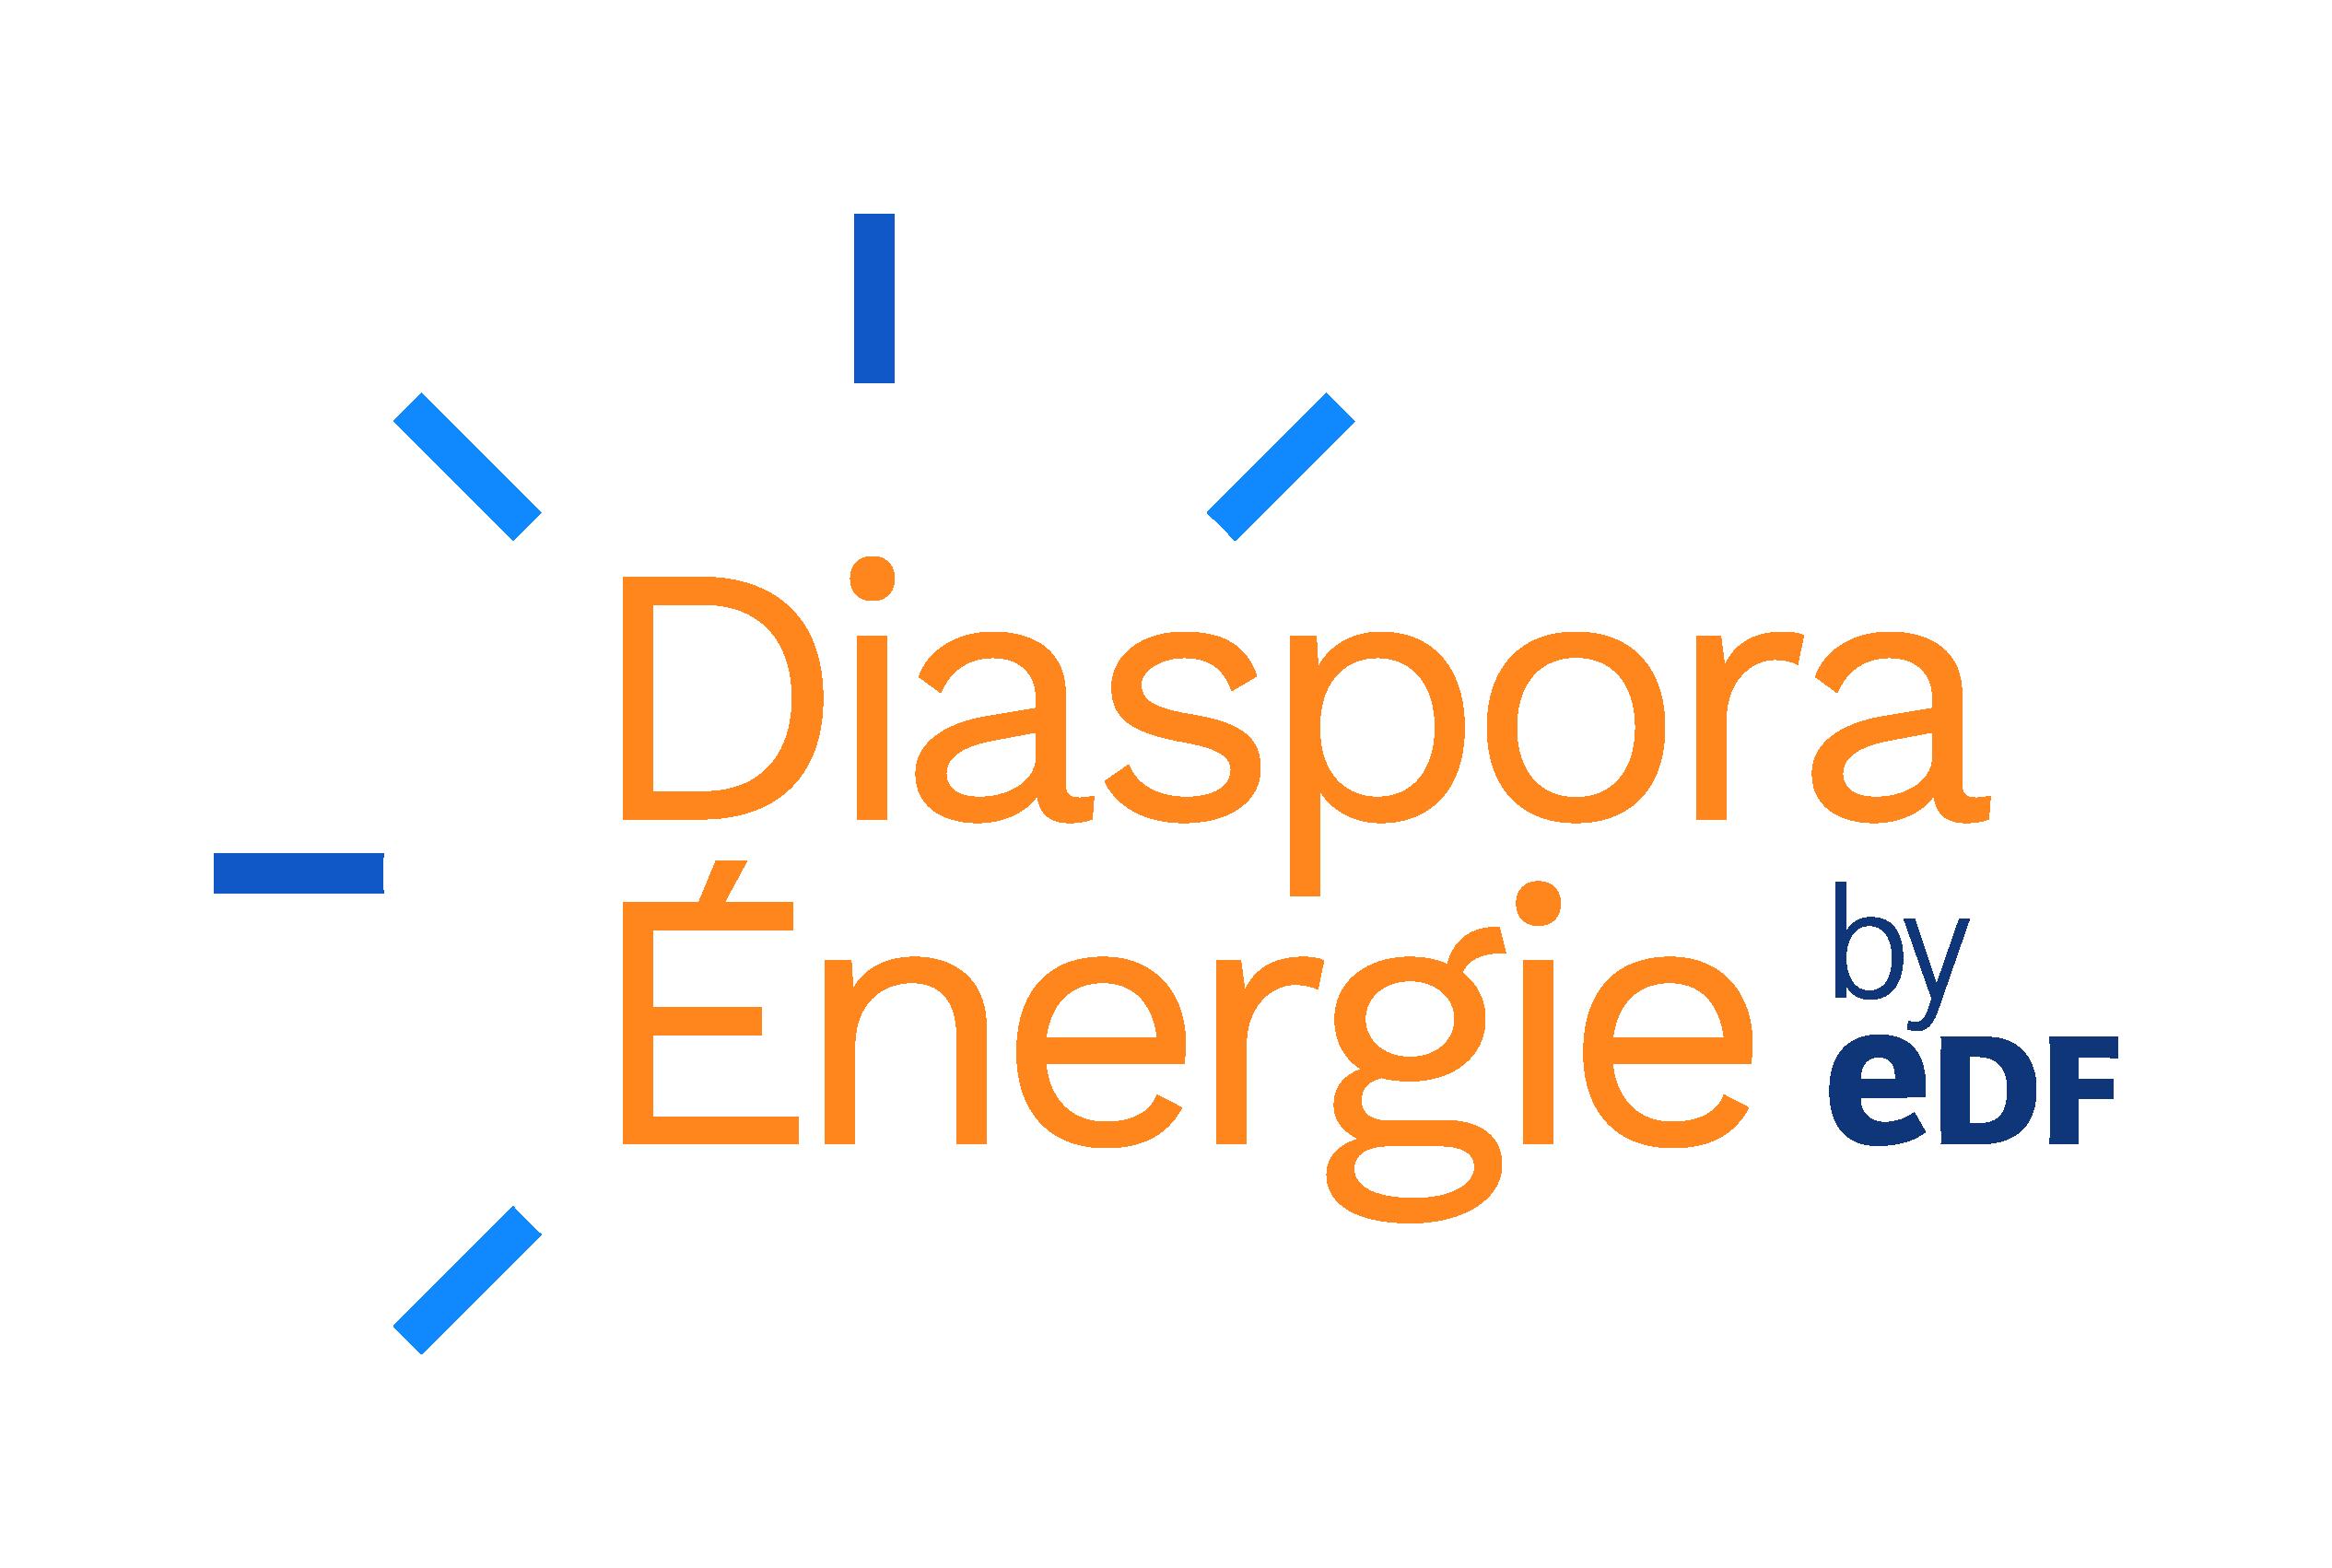 Diaspora Energie